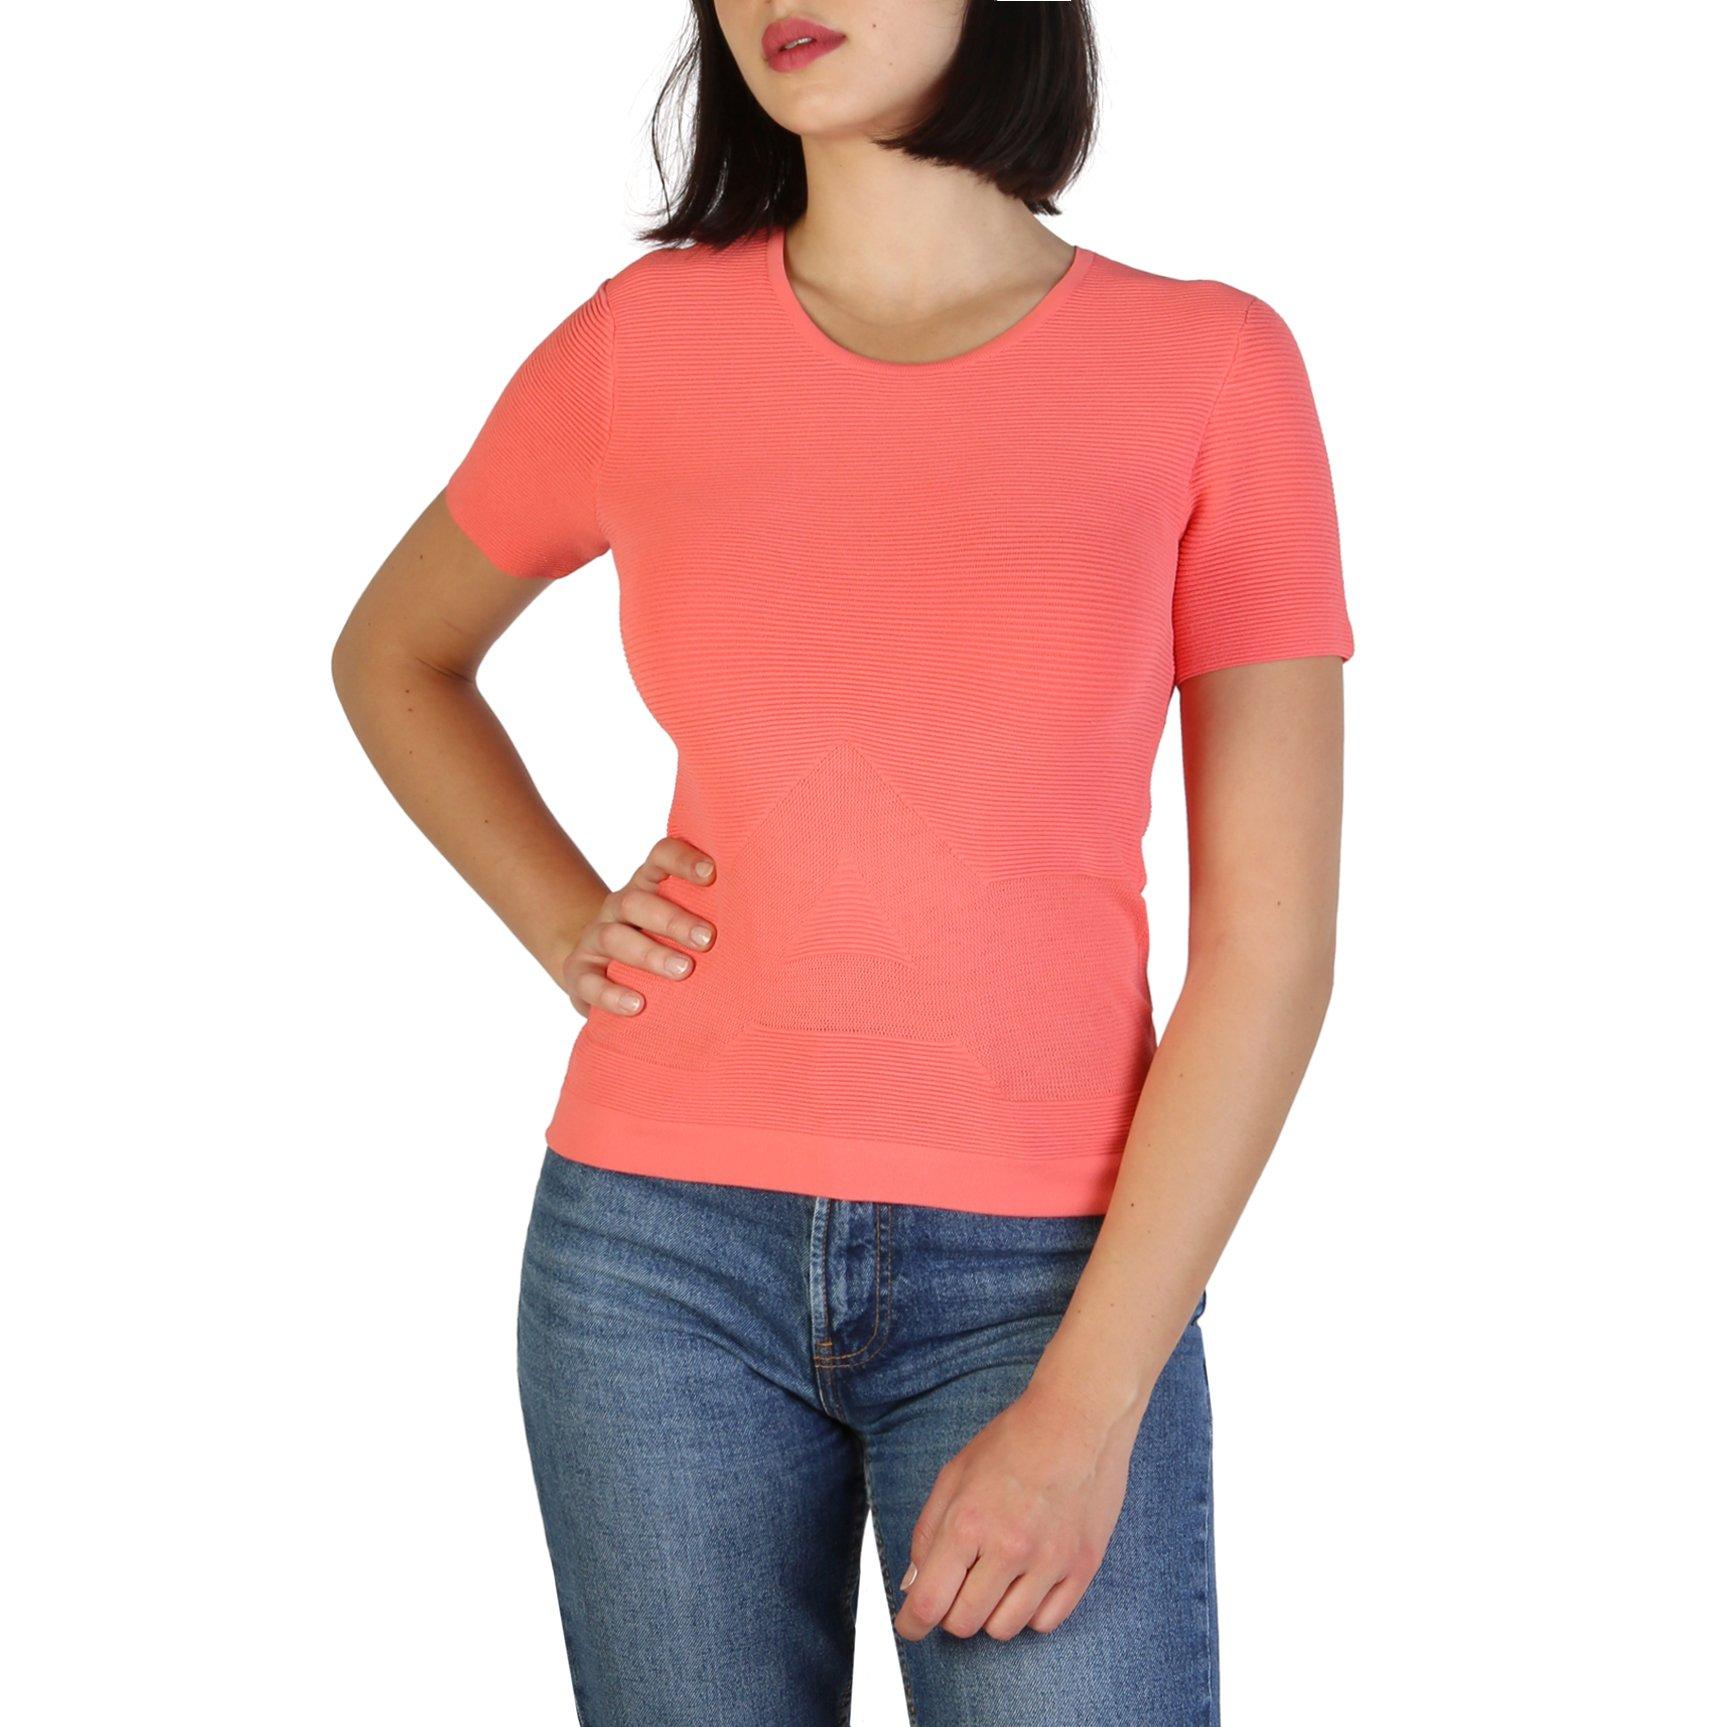 Armani Jeans Women's T-Shirt Various Colours 305053 - pink 42